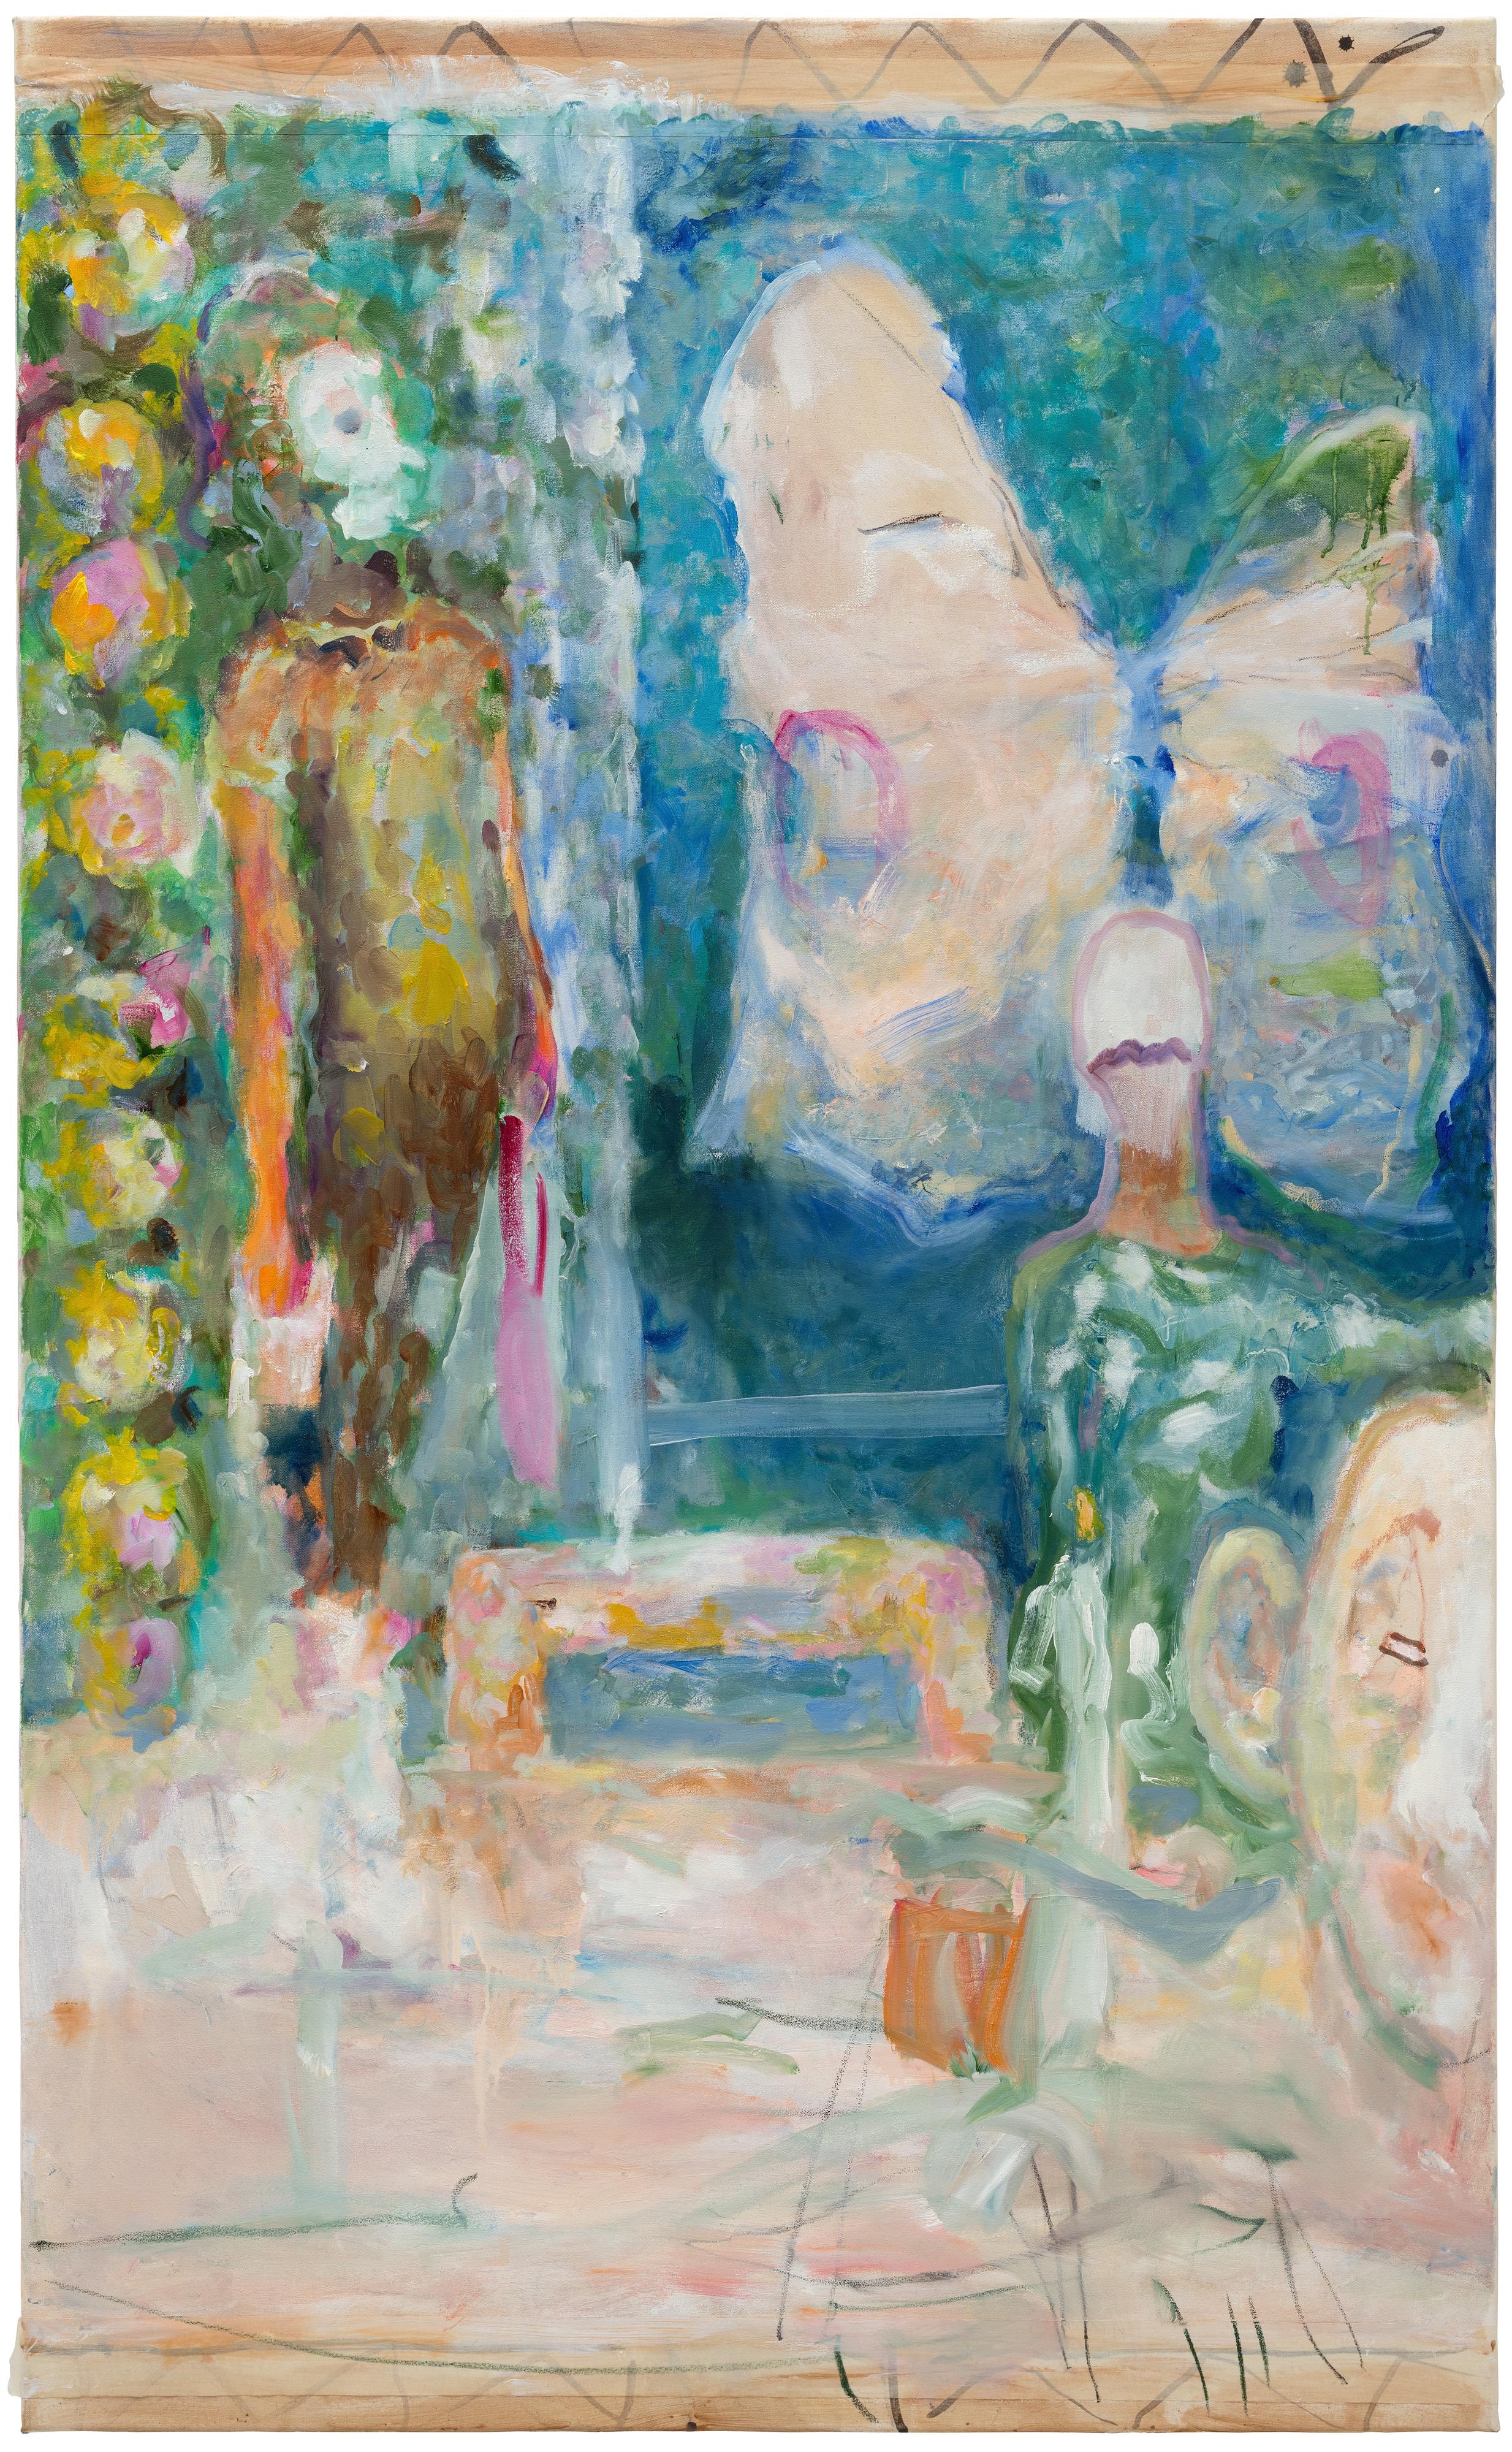 Galerie Barbara Thumm \ Valérie Favre: Am Tisch (VFa-18-013) \ Am Tisch (2018)